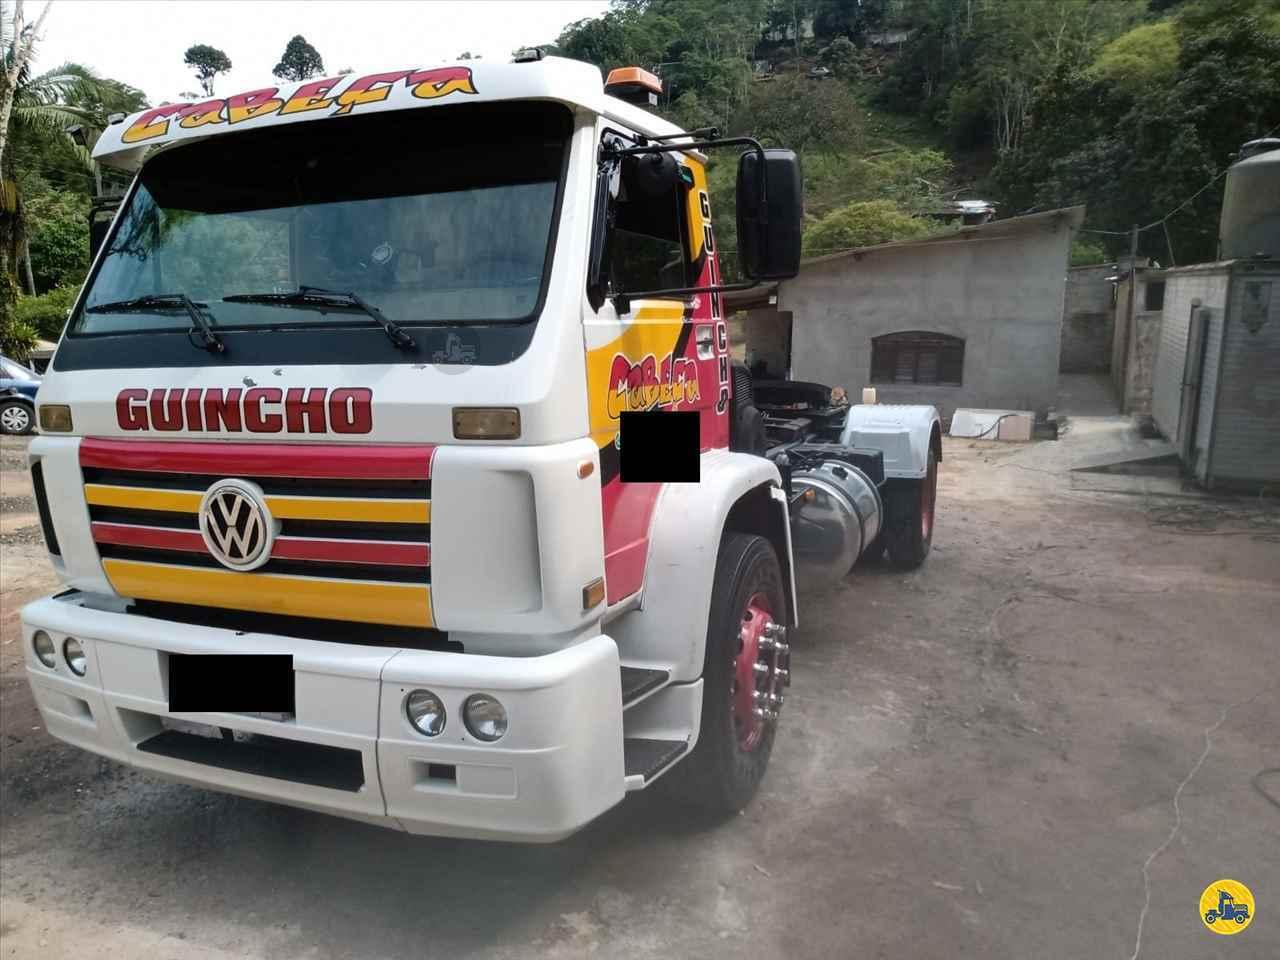 CAMINHAO VOLKSWAGEN VW 18310 Plataforma Guincho Toco 4x2 Wilson Caminhões RIBEIRAO PIRES SÃO PAULO SP